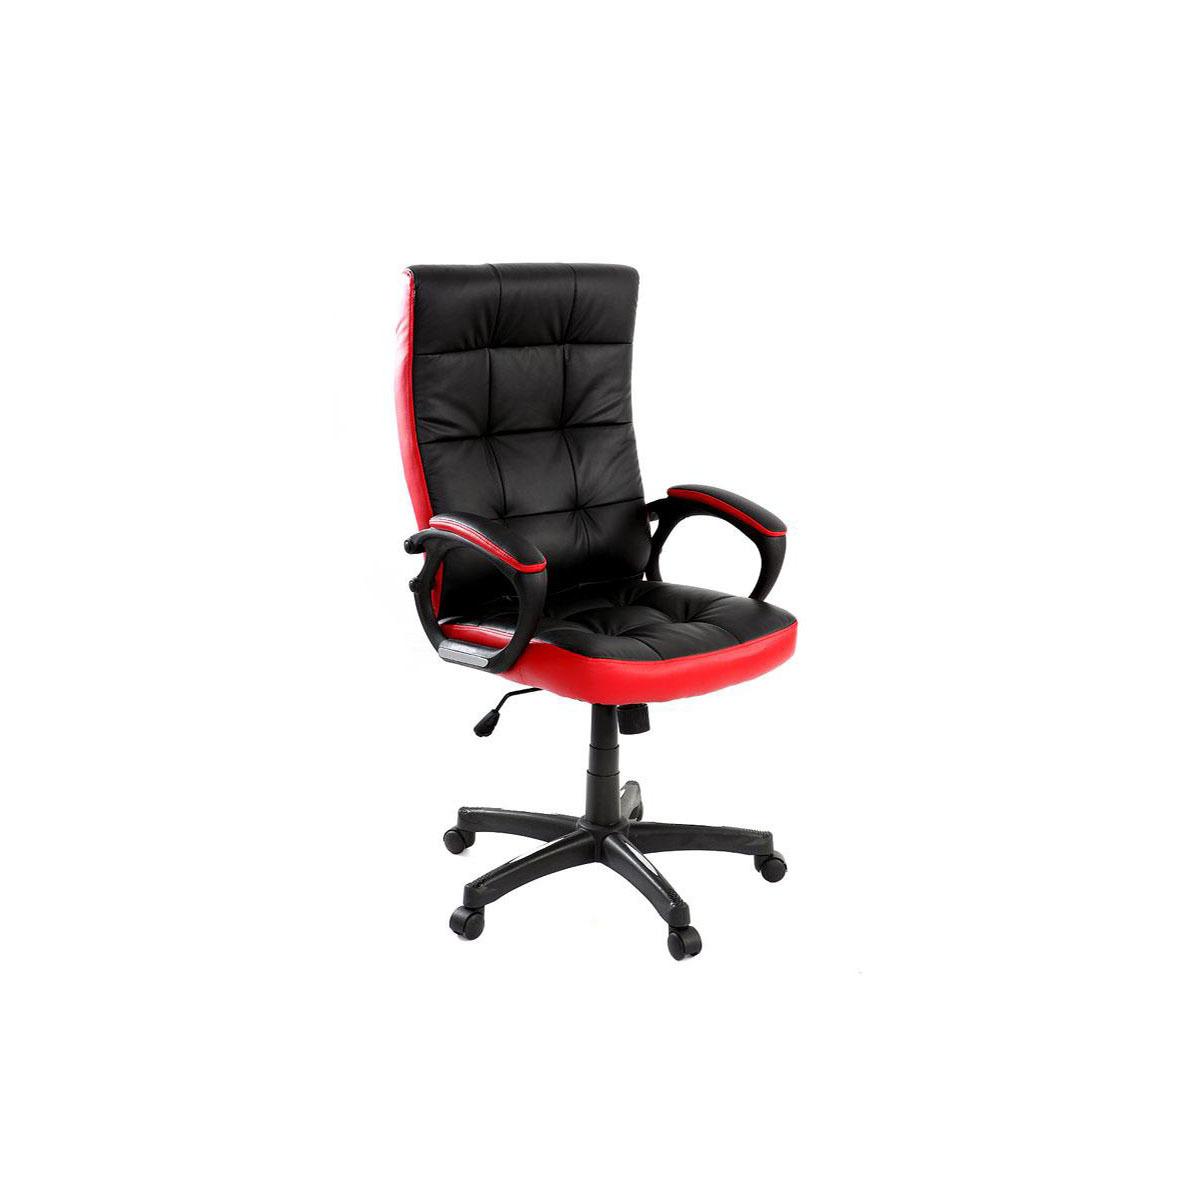 Poltrona da ufficio design nera e rossa LORENZO